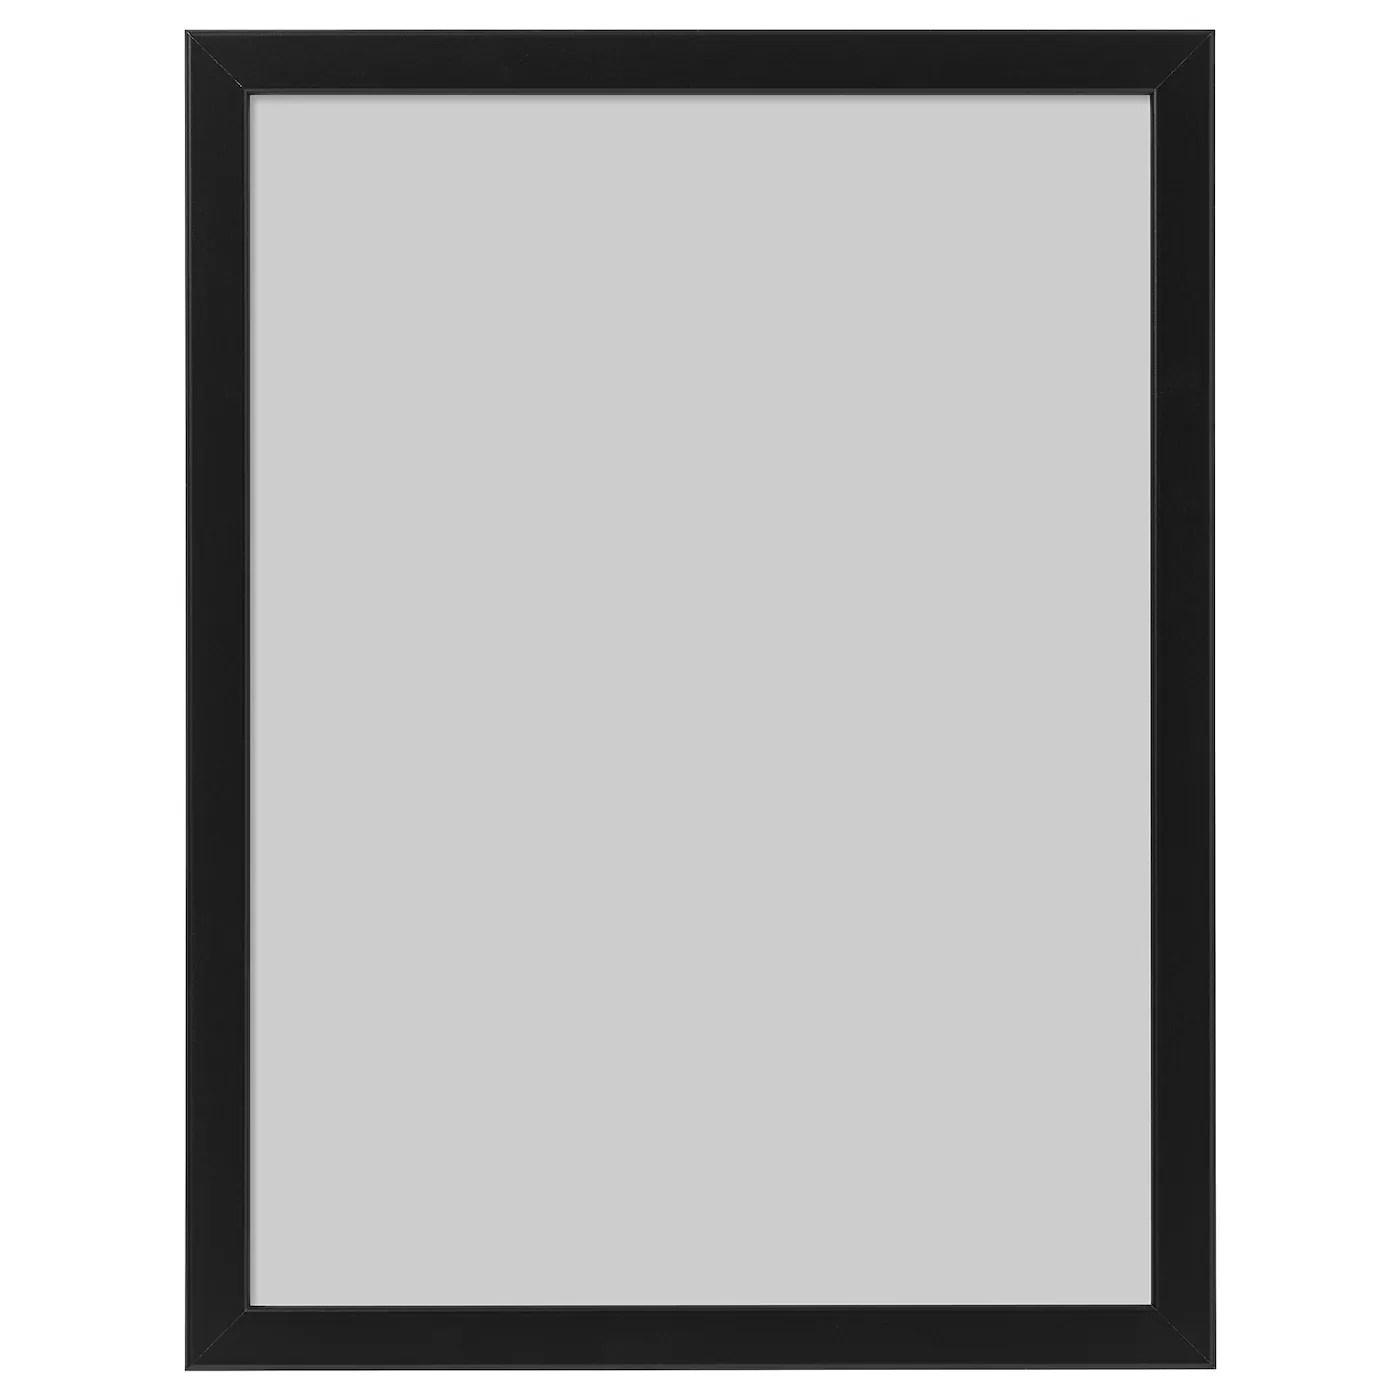 fiskbo cadre noir 30x40 cm